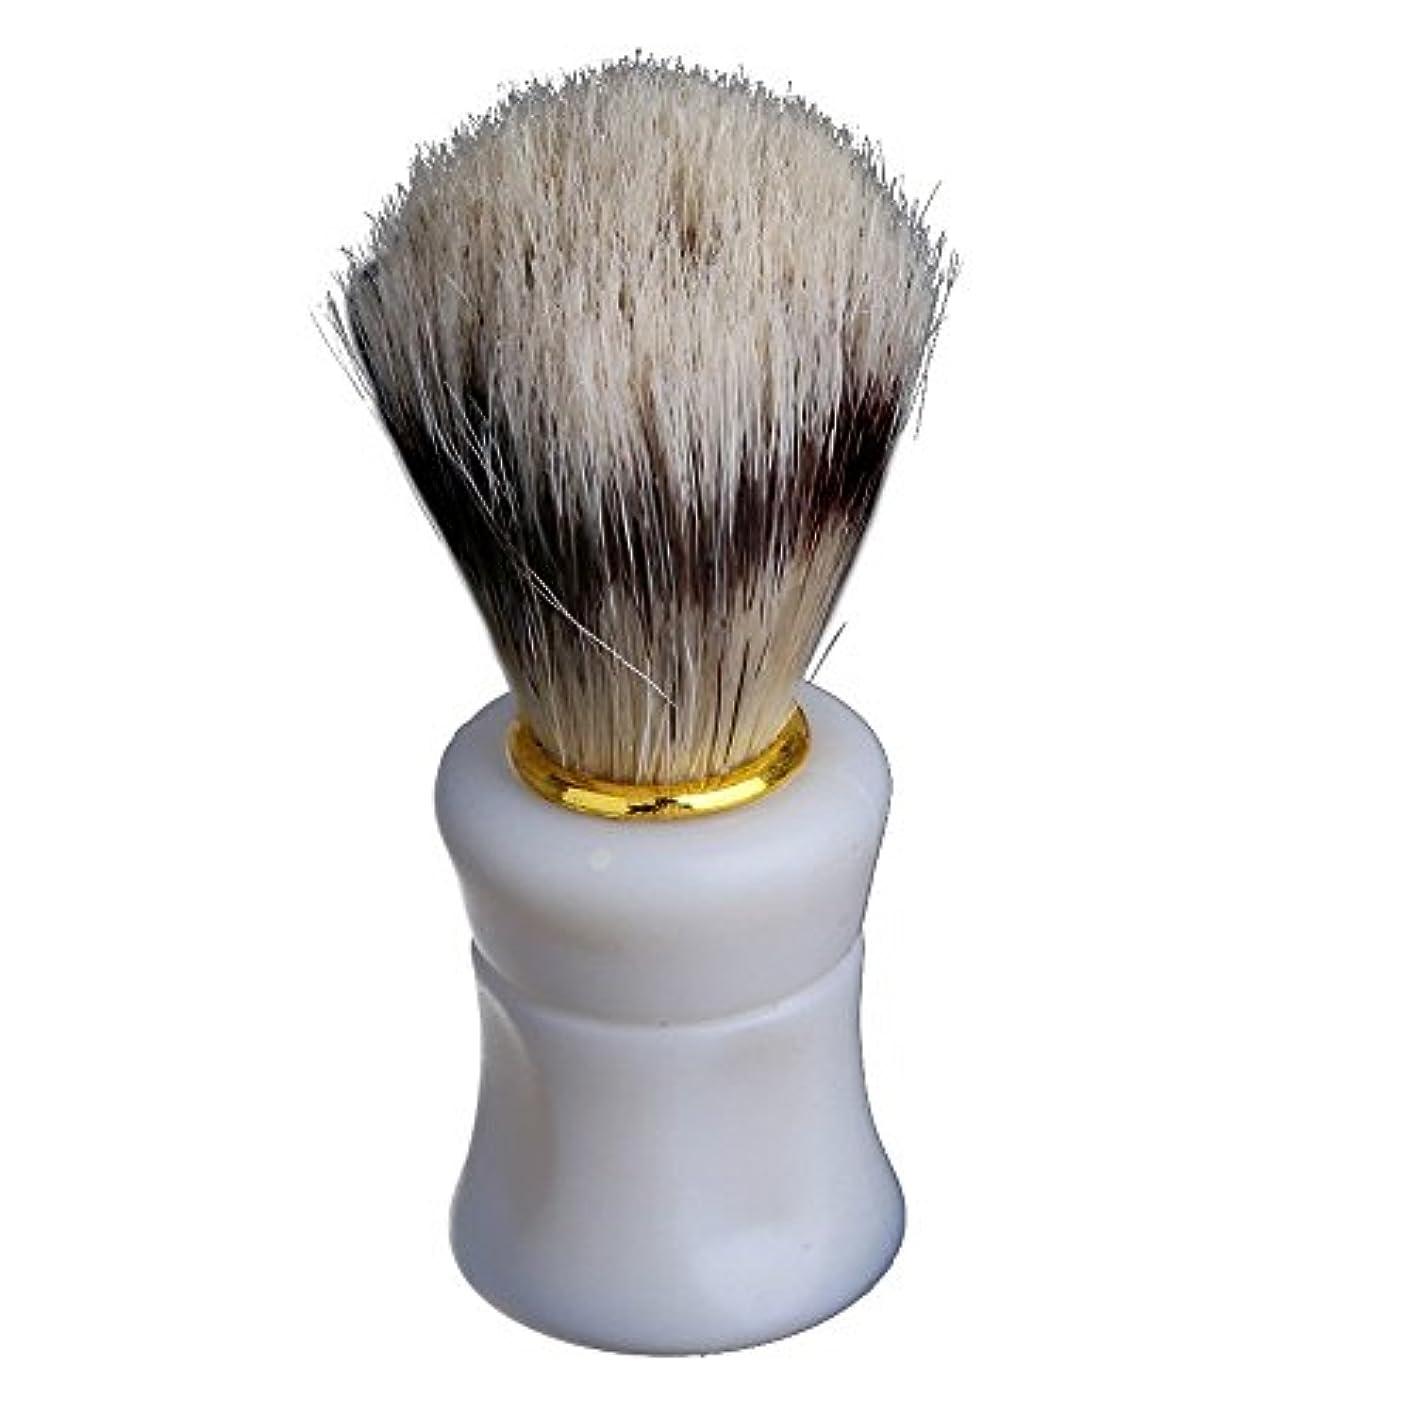 水分ここに欠かせないビアブラシ,SODIAL(R) 1個シェイビングシェービングブラシプラスチック製のハンドル+ブタの猪毛皮のひげの口ひげのブラシホワイト